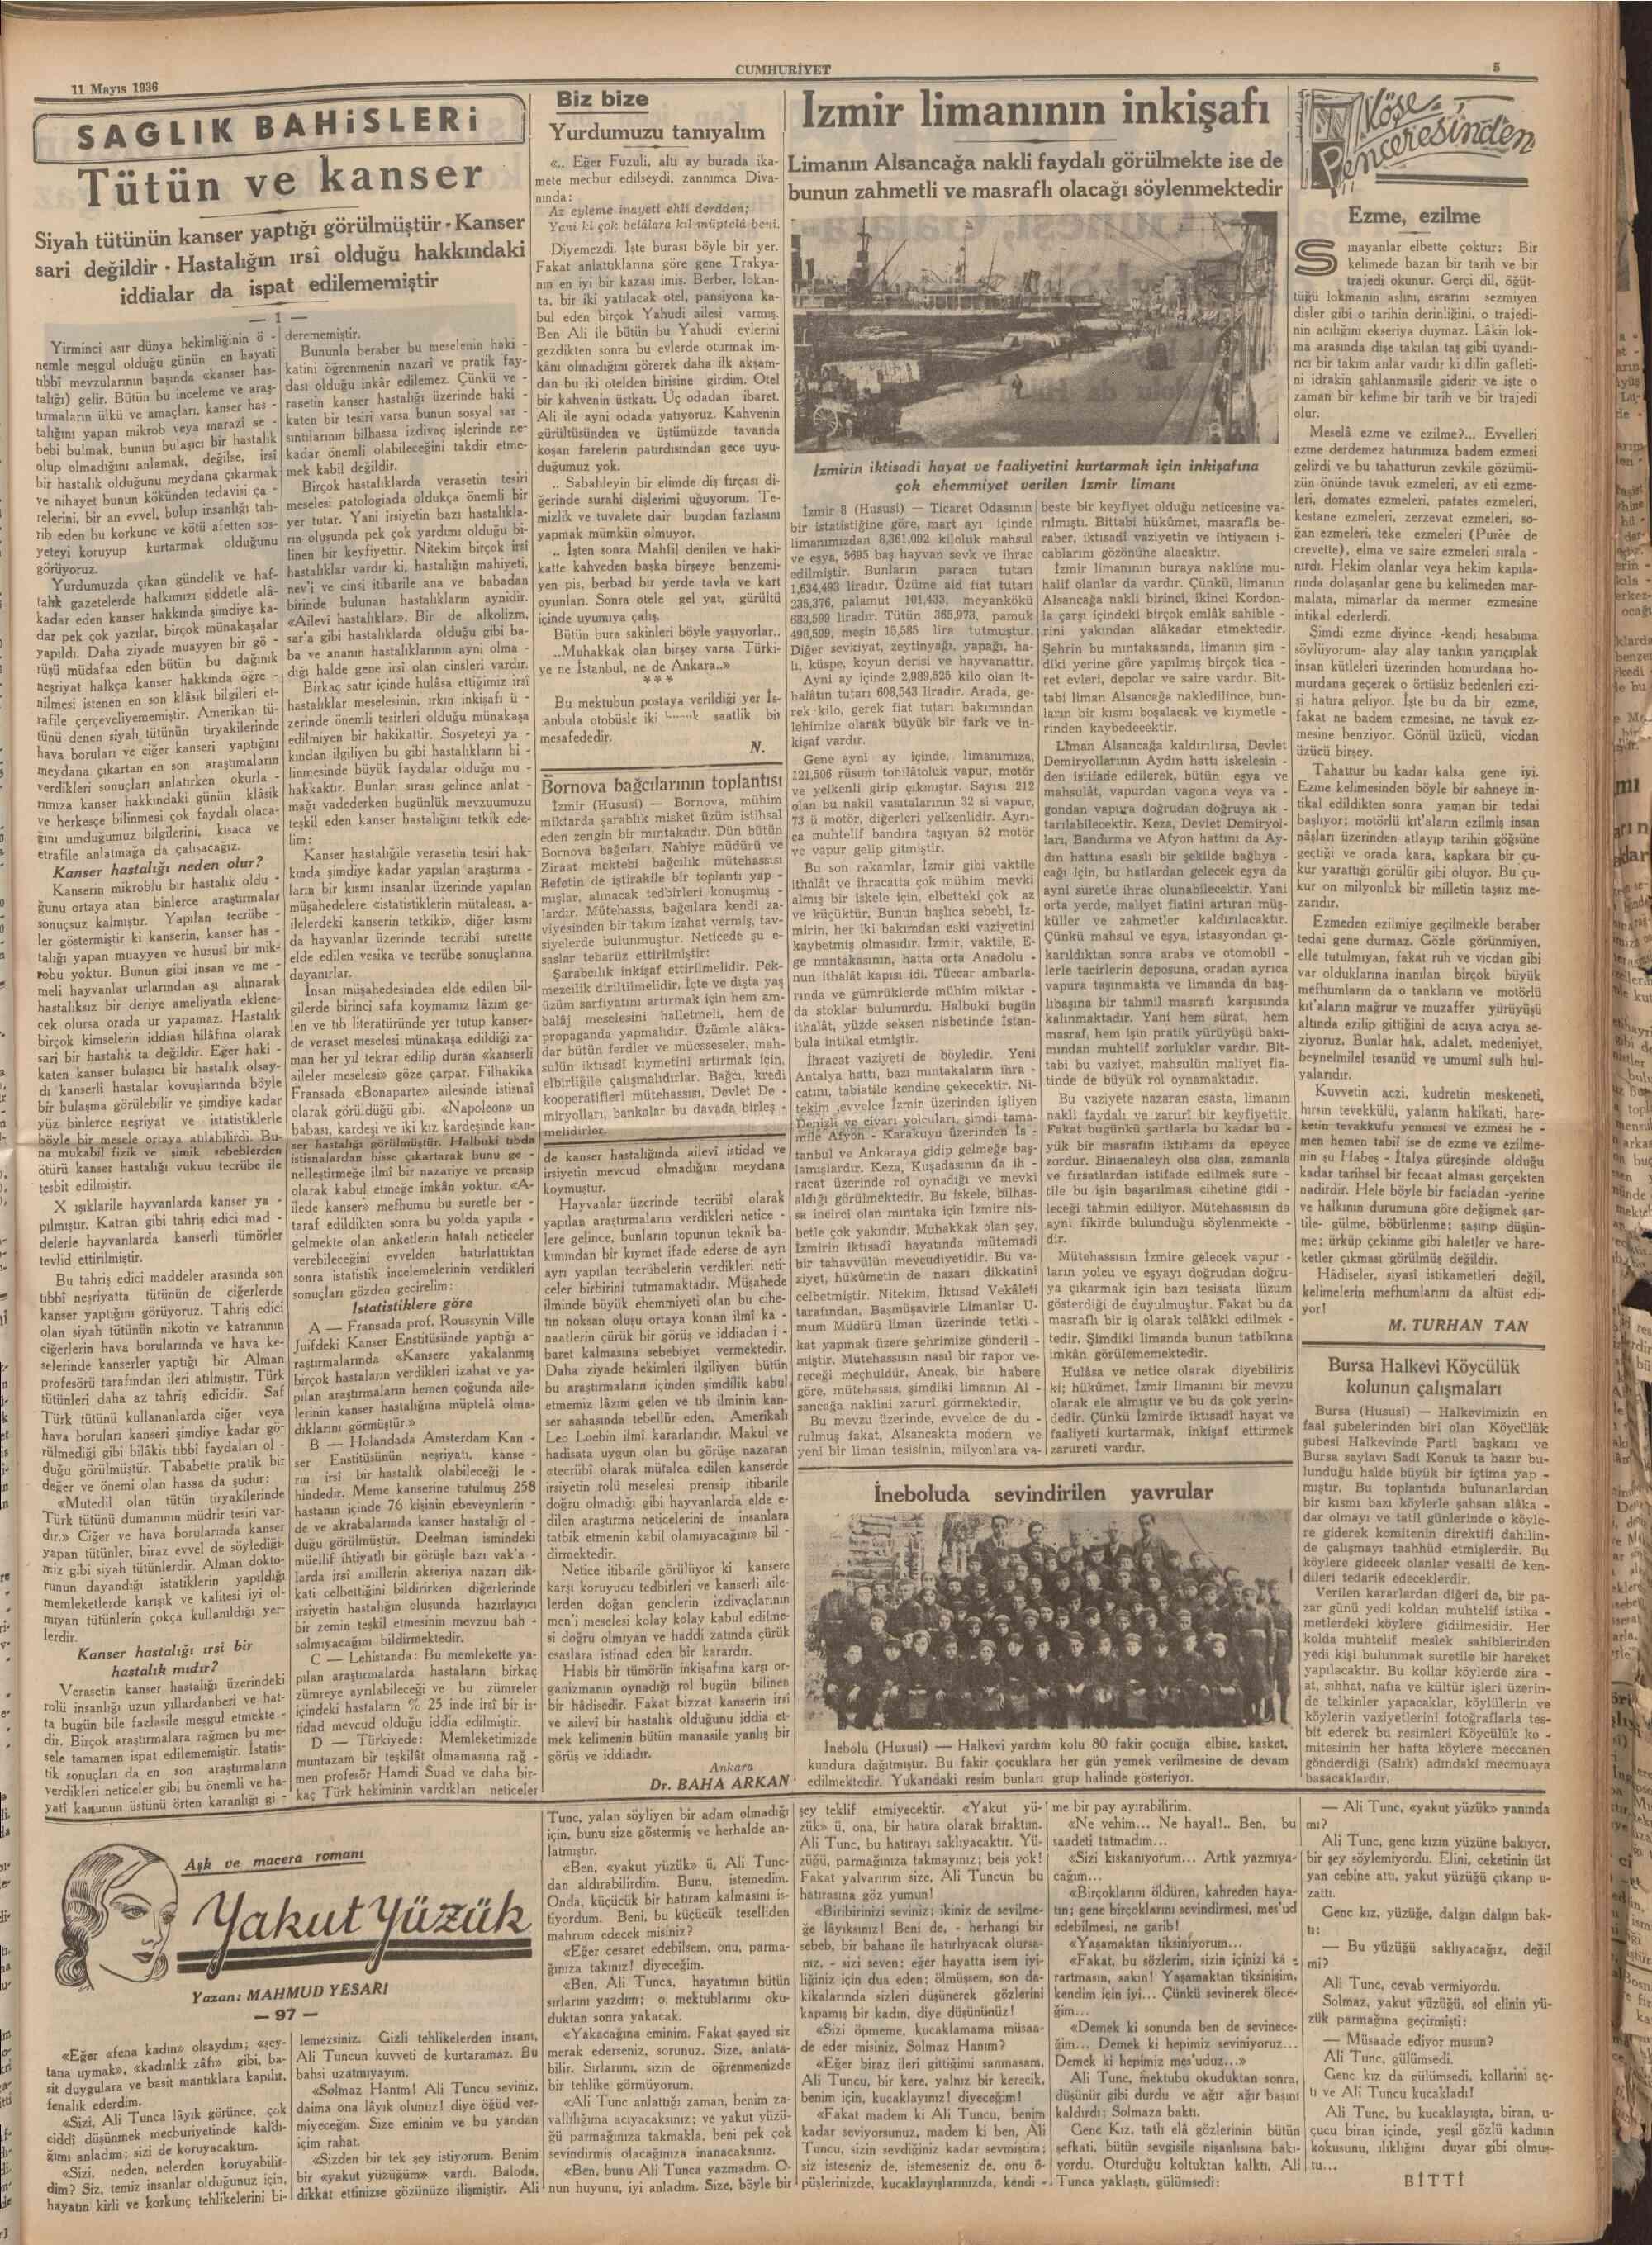 11 Mayıs 1936 Tarihli Cumhuriyet Gazetesi Sayfa 6